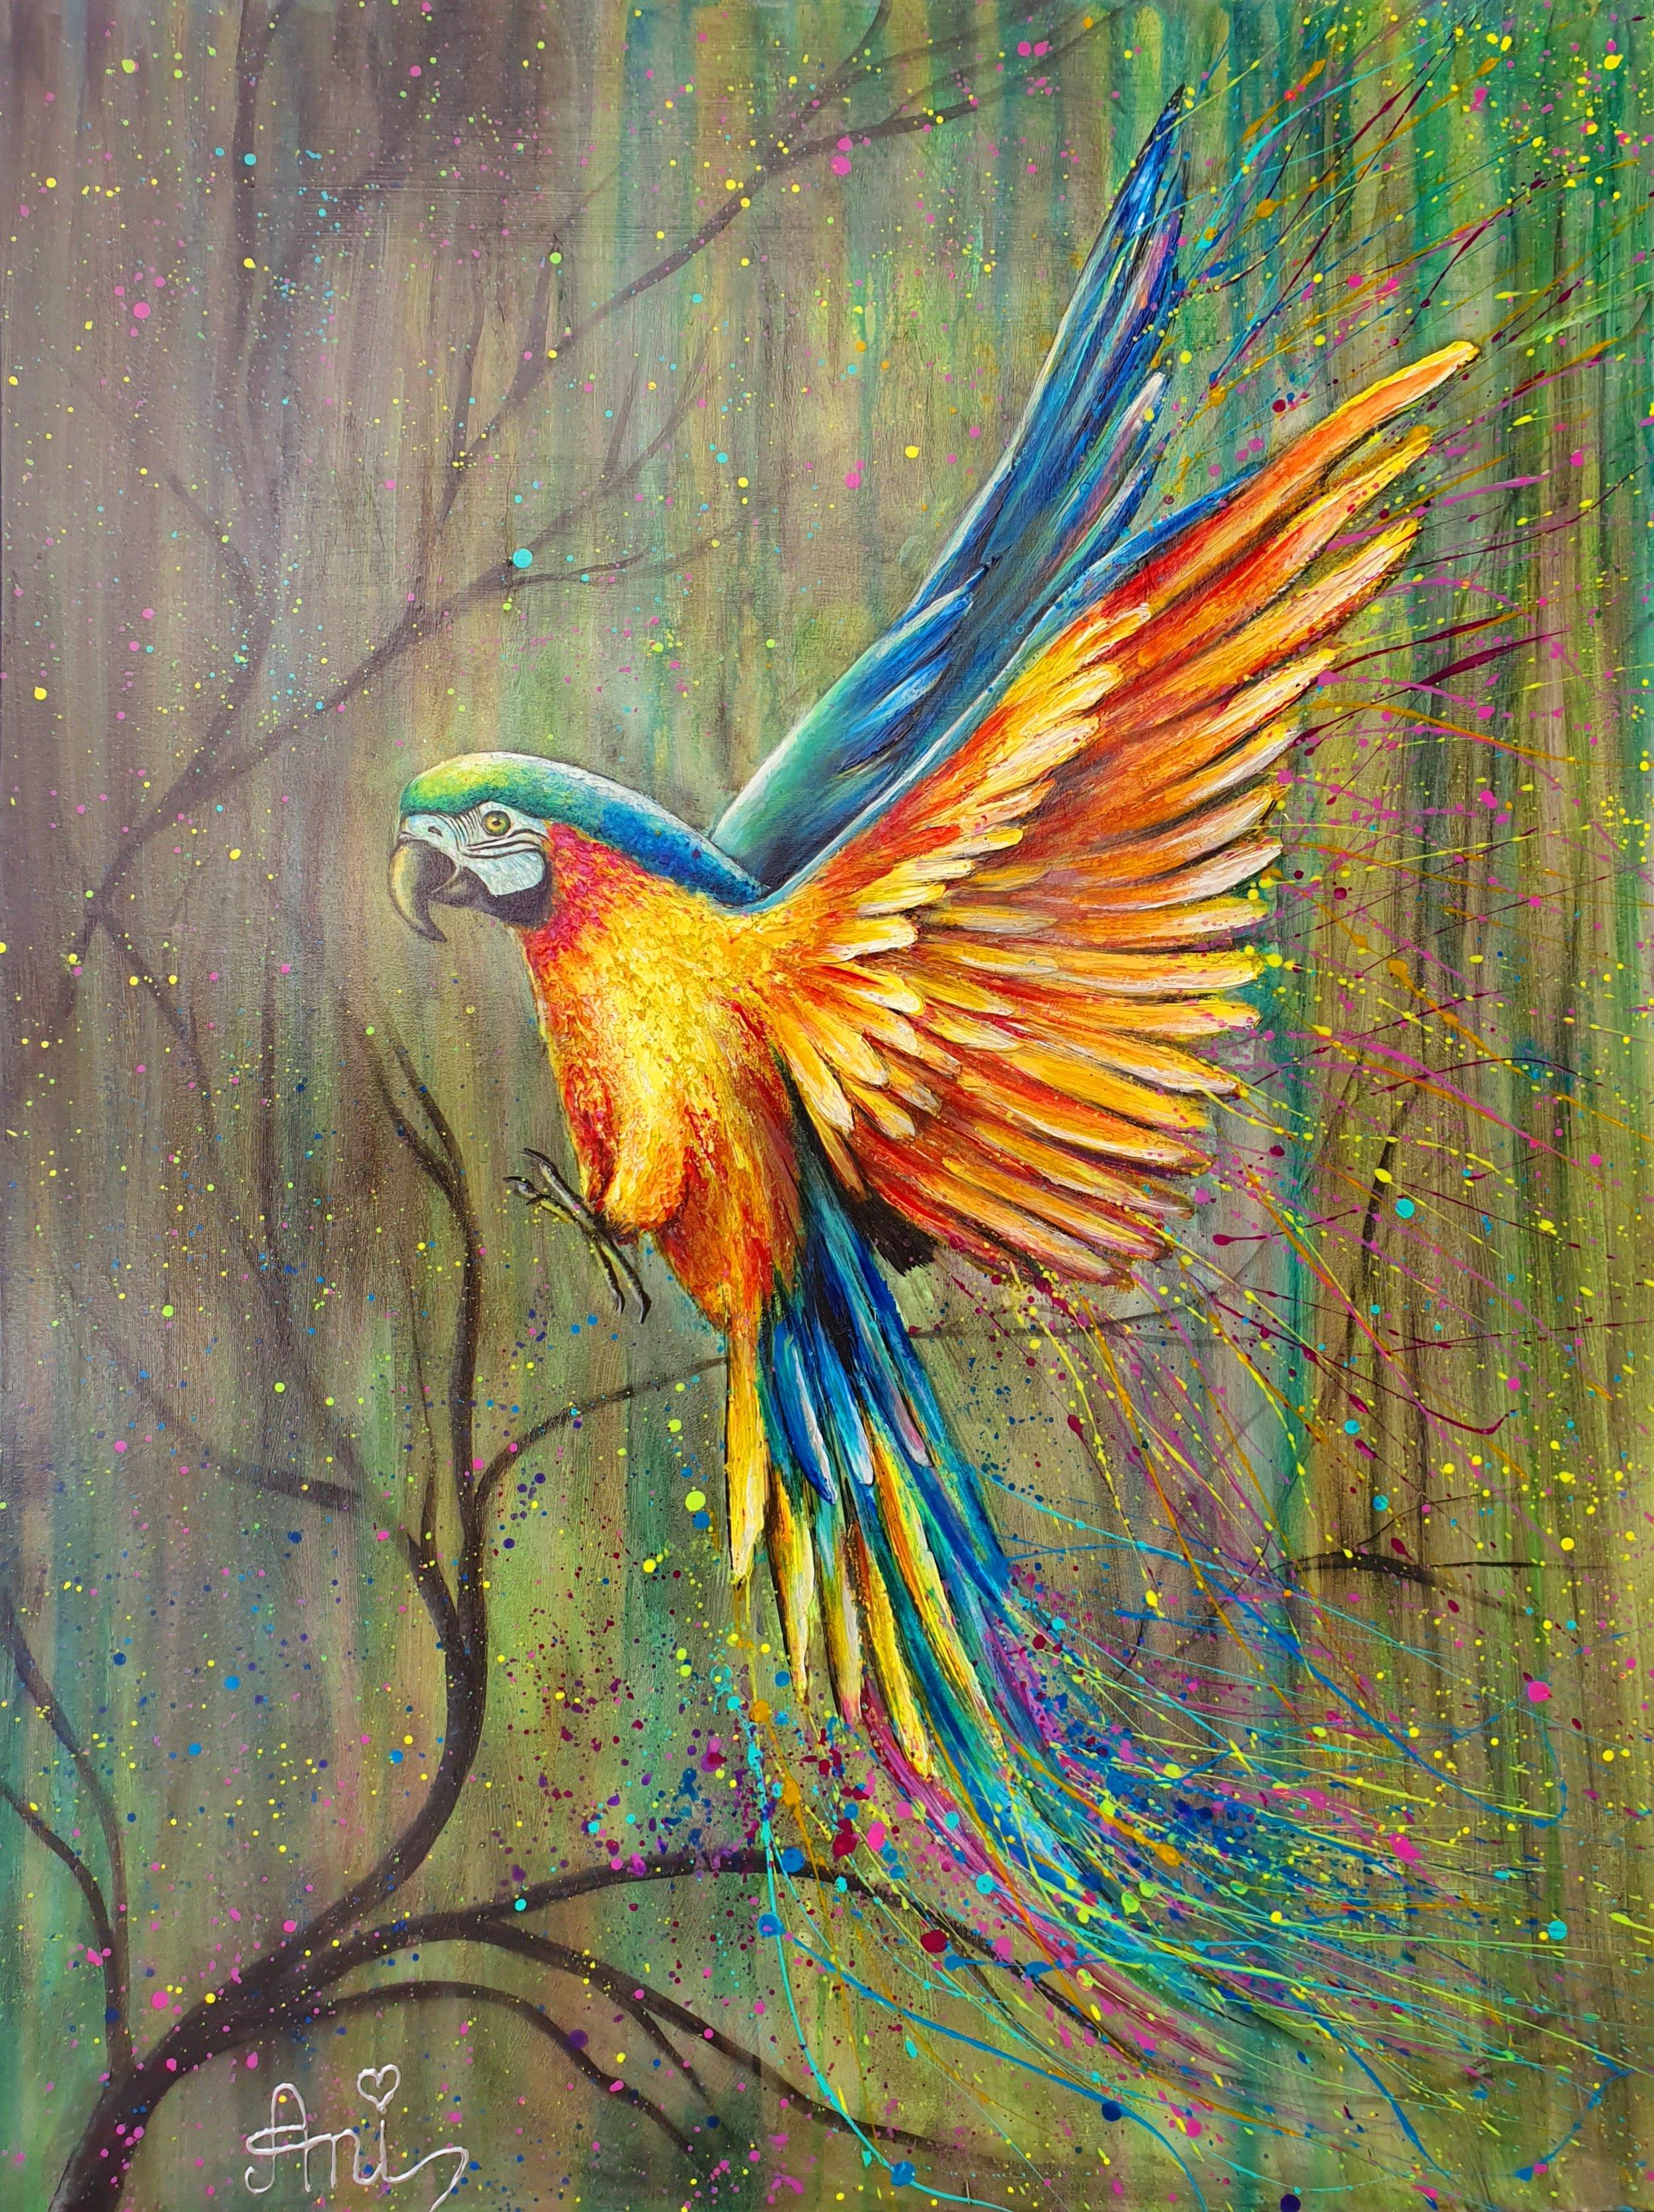 L'envol du perroquet:  Peinture acrylique sur toile 3D, 100cm x 75cm  Prix: 1200€ + frais de port